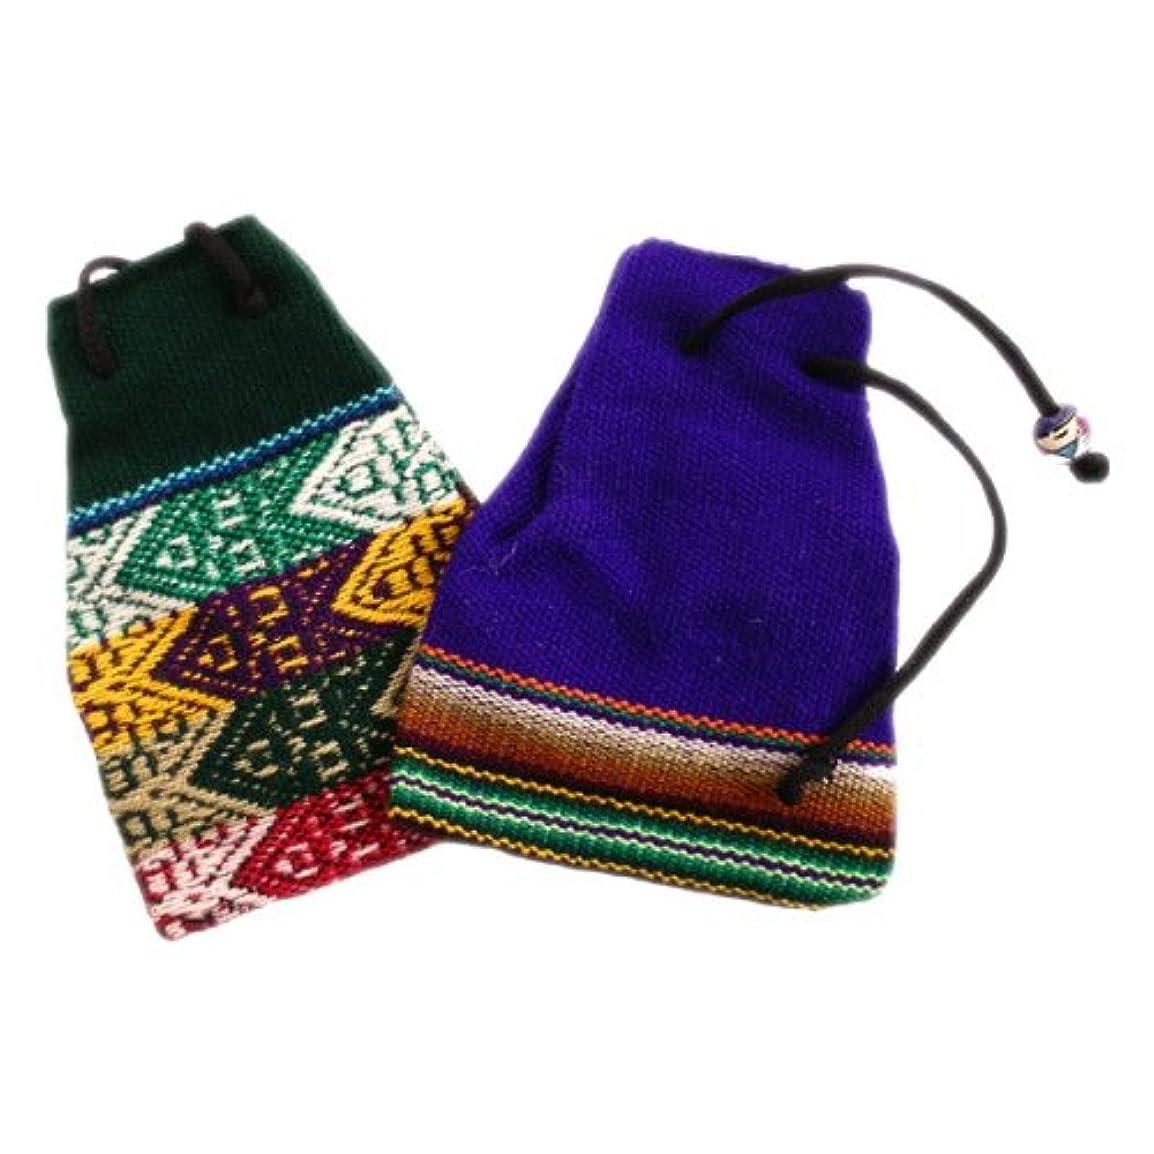 ミリメートル保護インカ帝国薬バッグコットンHand Woven 3